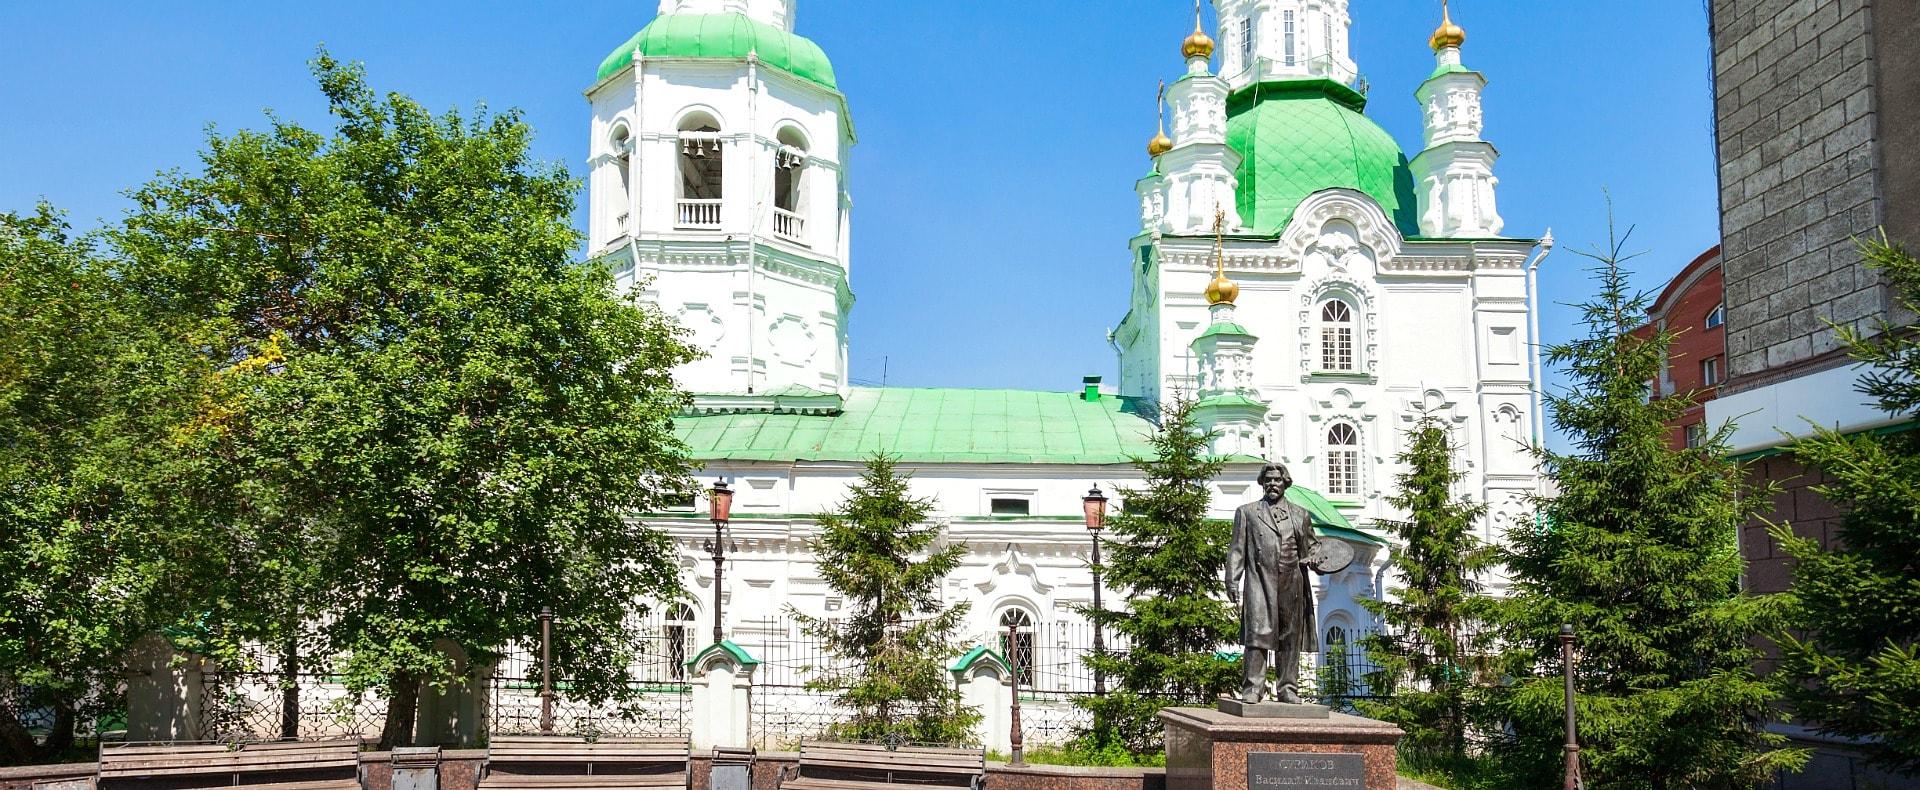 Krasnoyarsk City Gallery